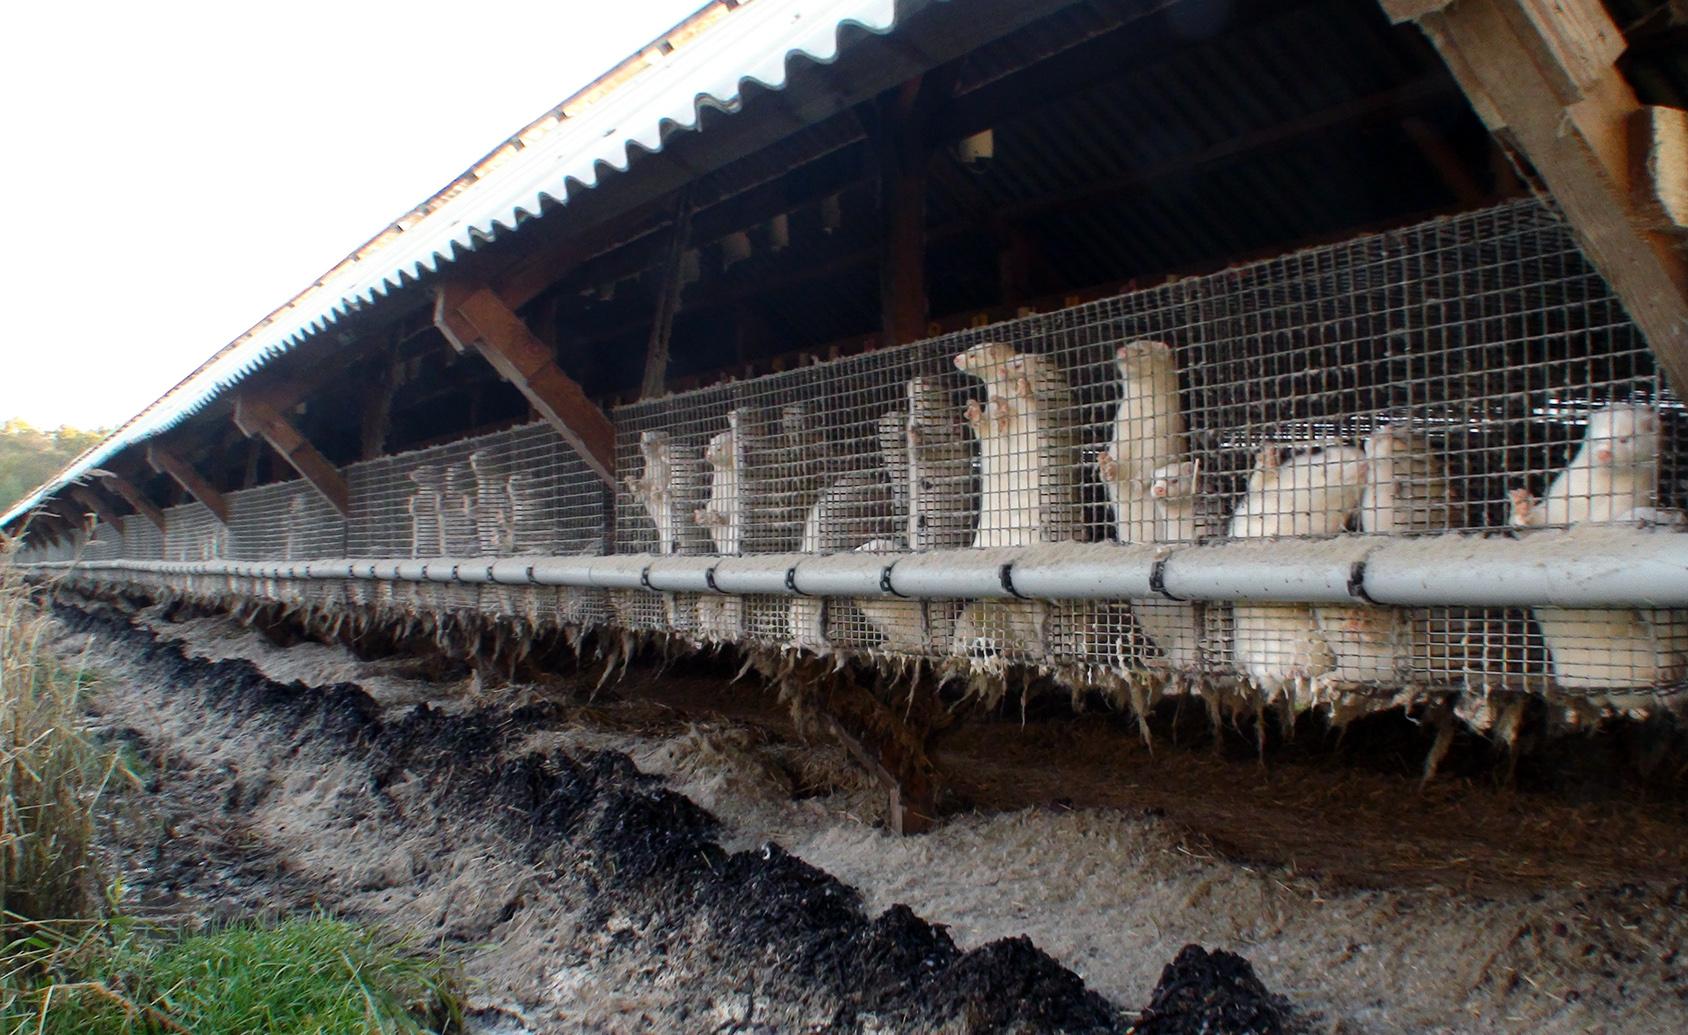 toksyczny przemysł futrzarski